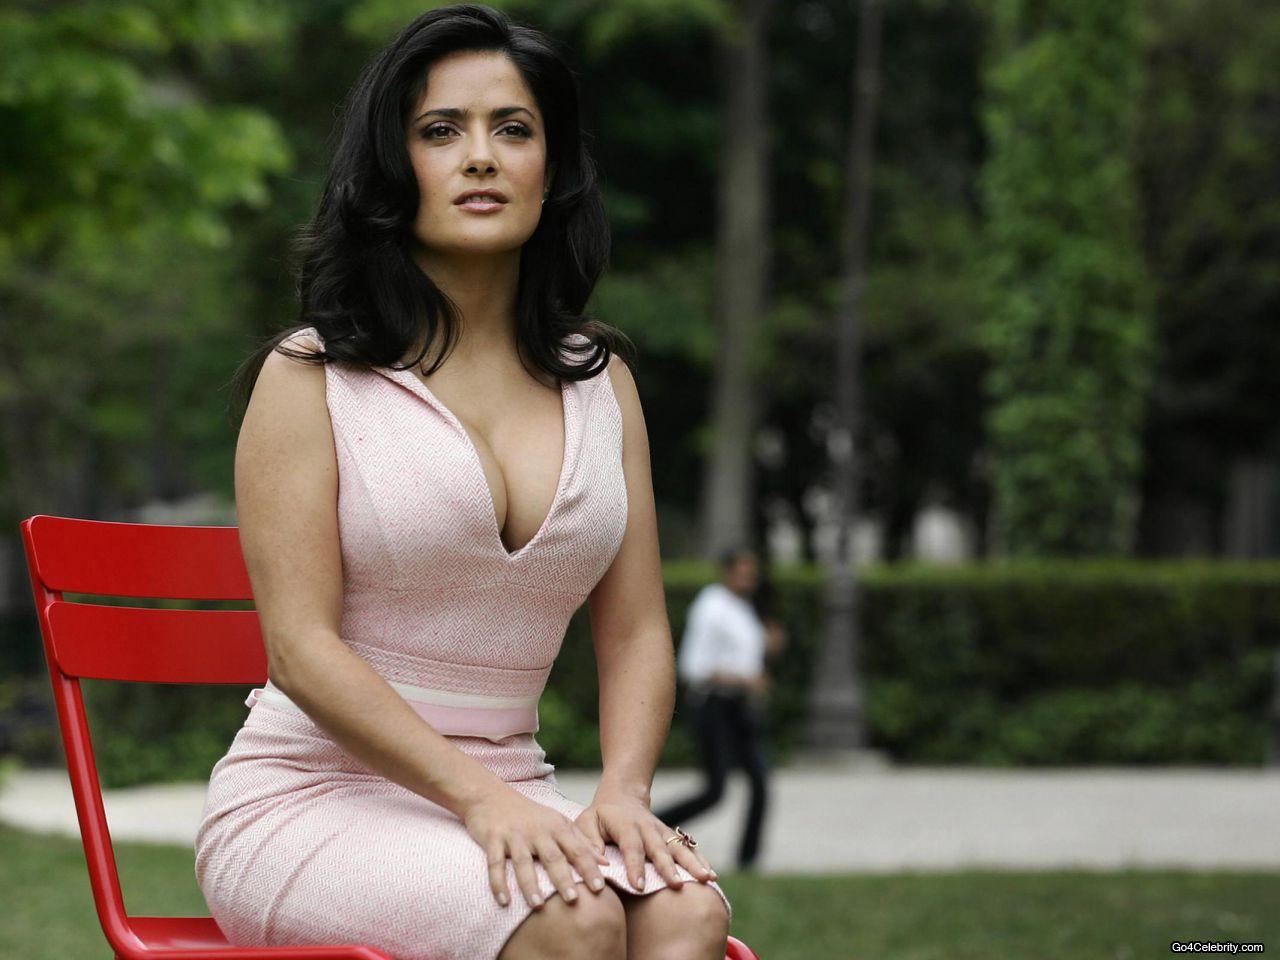 http://3.bp.blogspot.com/-mFQrTBcGgQc/UBebbtR65SI/AAAAAAAAAK4/me-wvADPqE8/s1600/Salma-Hayek-0.jpg